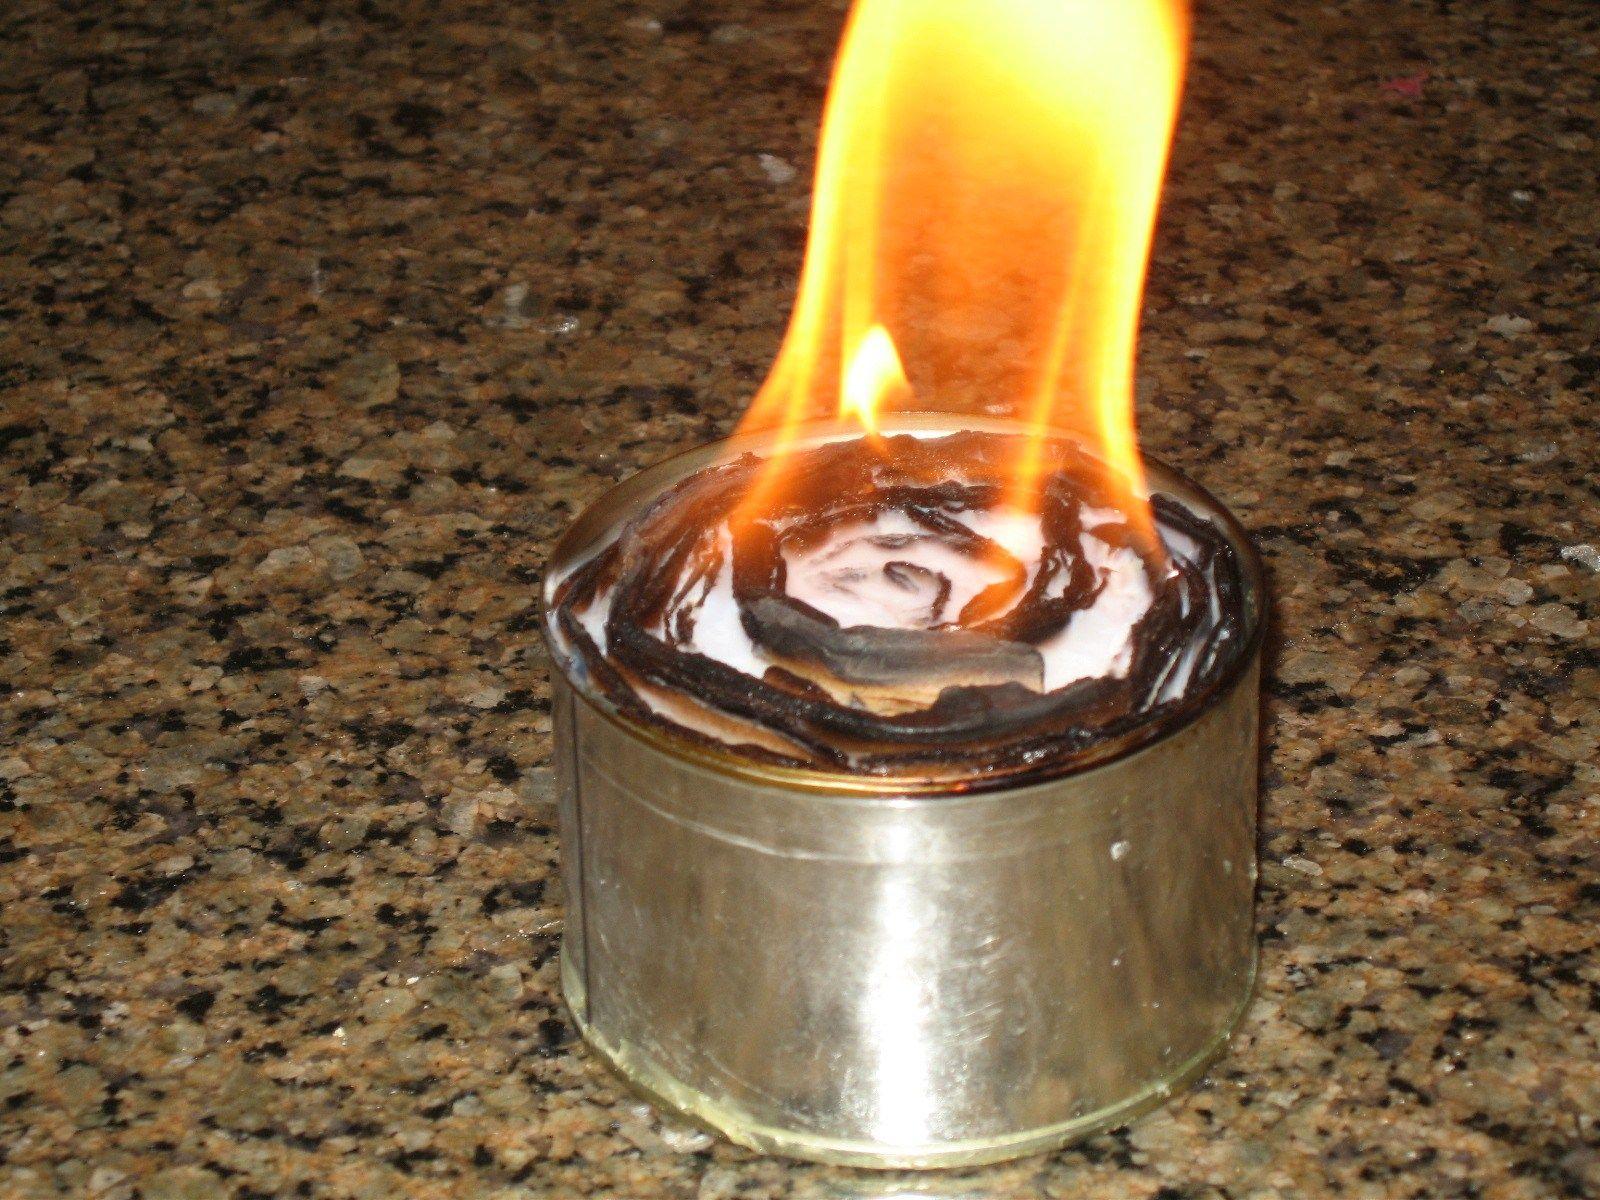 Cocinar Sin Gas Ni Luz Cómo Hacer Estufa De Emergencia Mamá Y Maestra Cómo Hacer Lámparas Caseras Luces De Emergencia